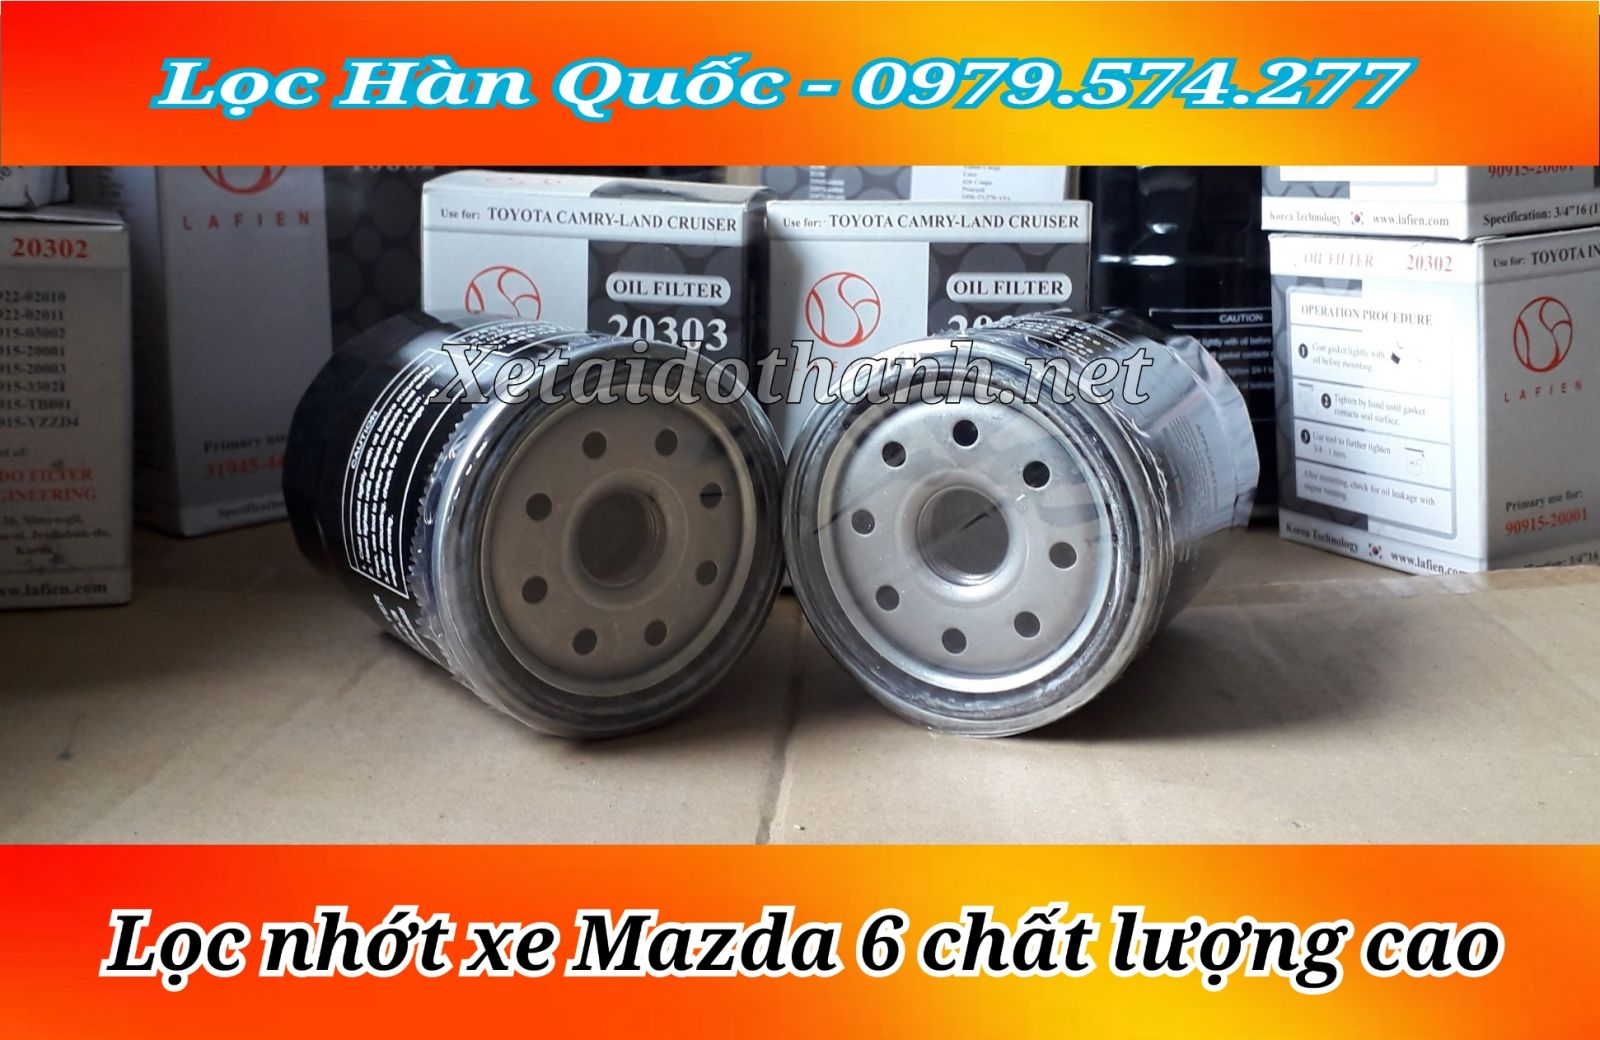 Lọc nhớt xe Mazda 6 - 20303